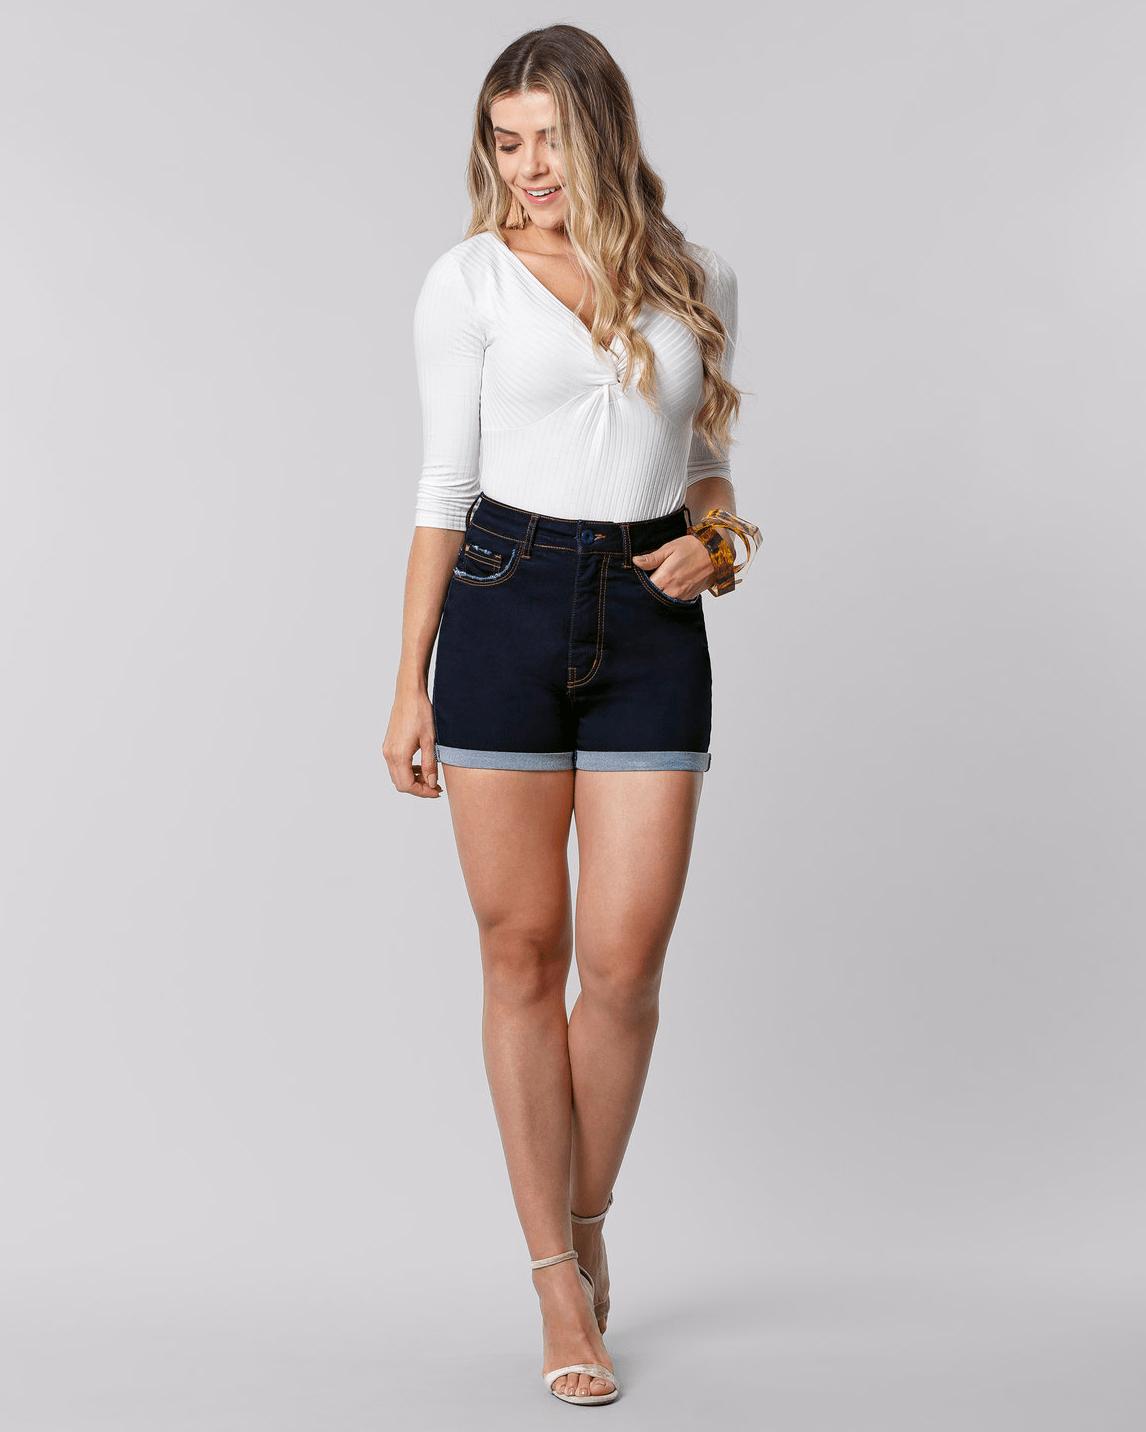 Short-Jeans-Feminino-Lunender